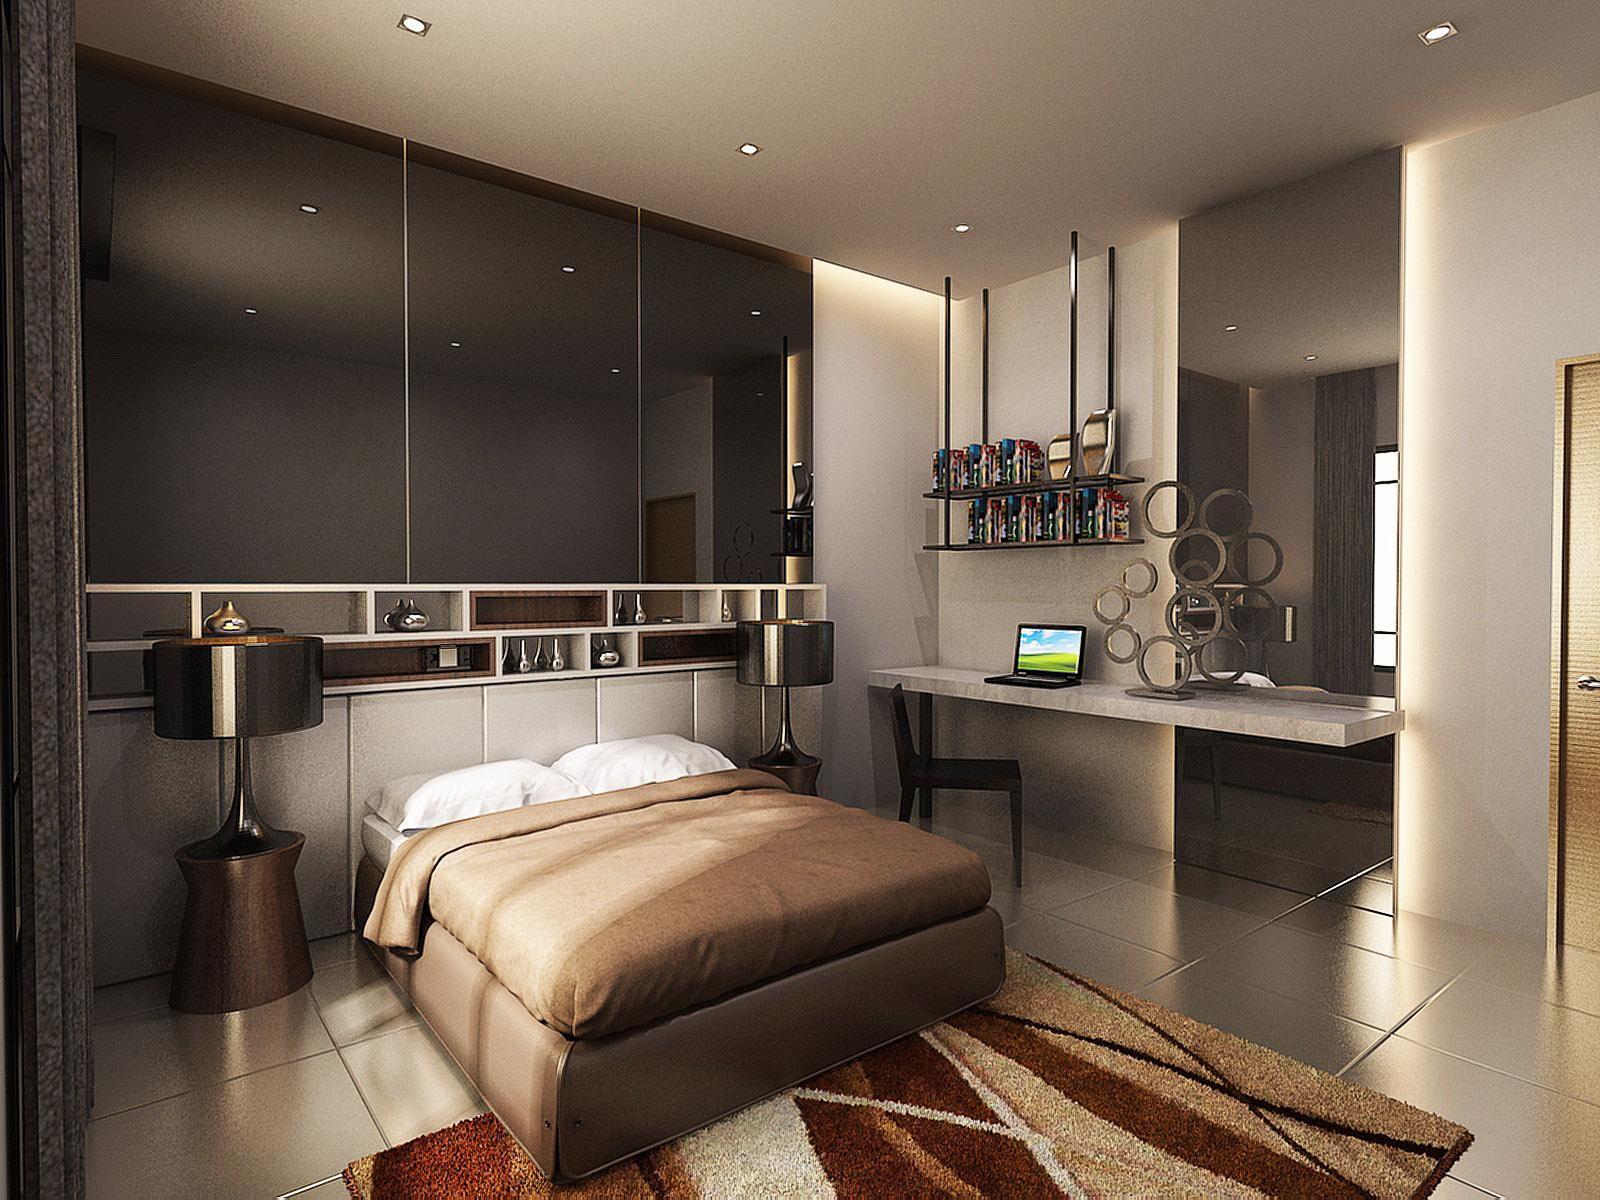 Interior design singapore projects LAVISH INTERIOR DESIGN